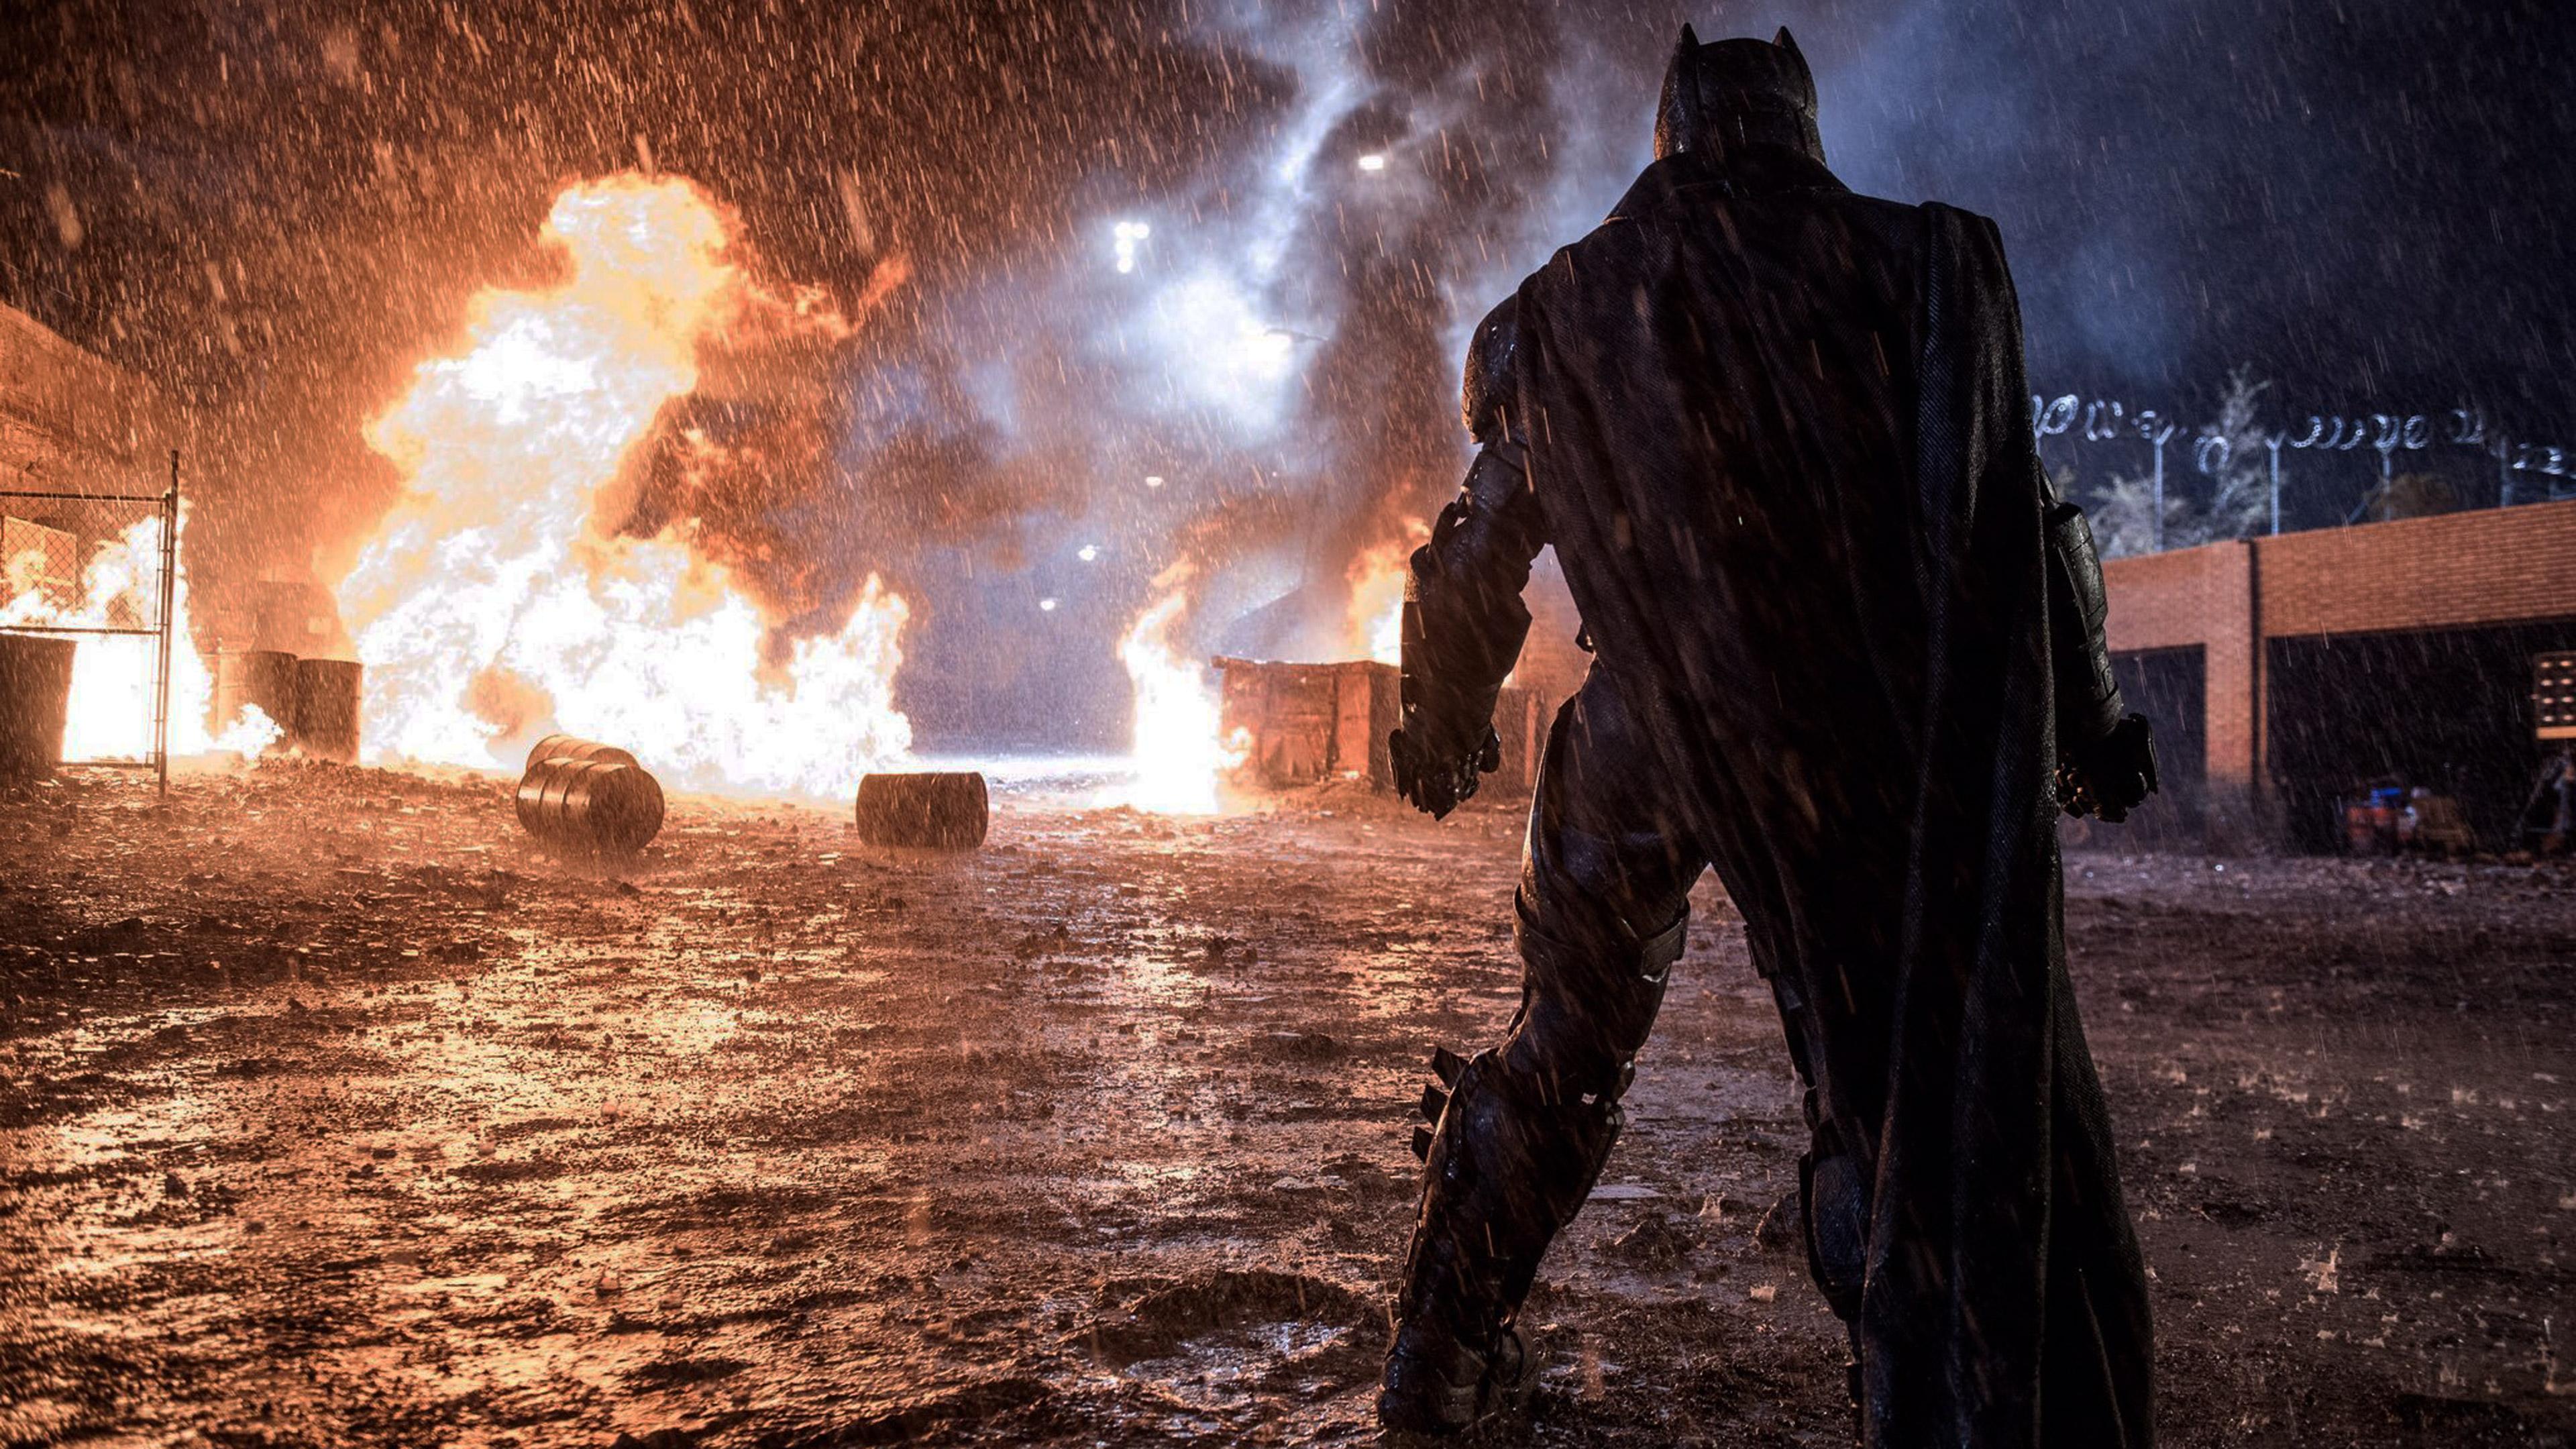 batman mech suit 4k 1536507132 - Batman Mech Suit 4k - super heroes wallpapers, movies wallpapers, batman wallpapers, batman vs superman wallpapers